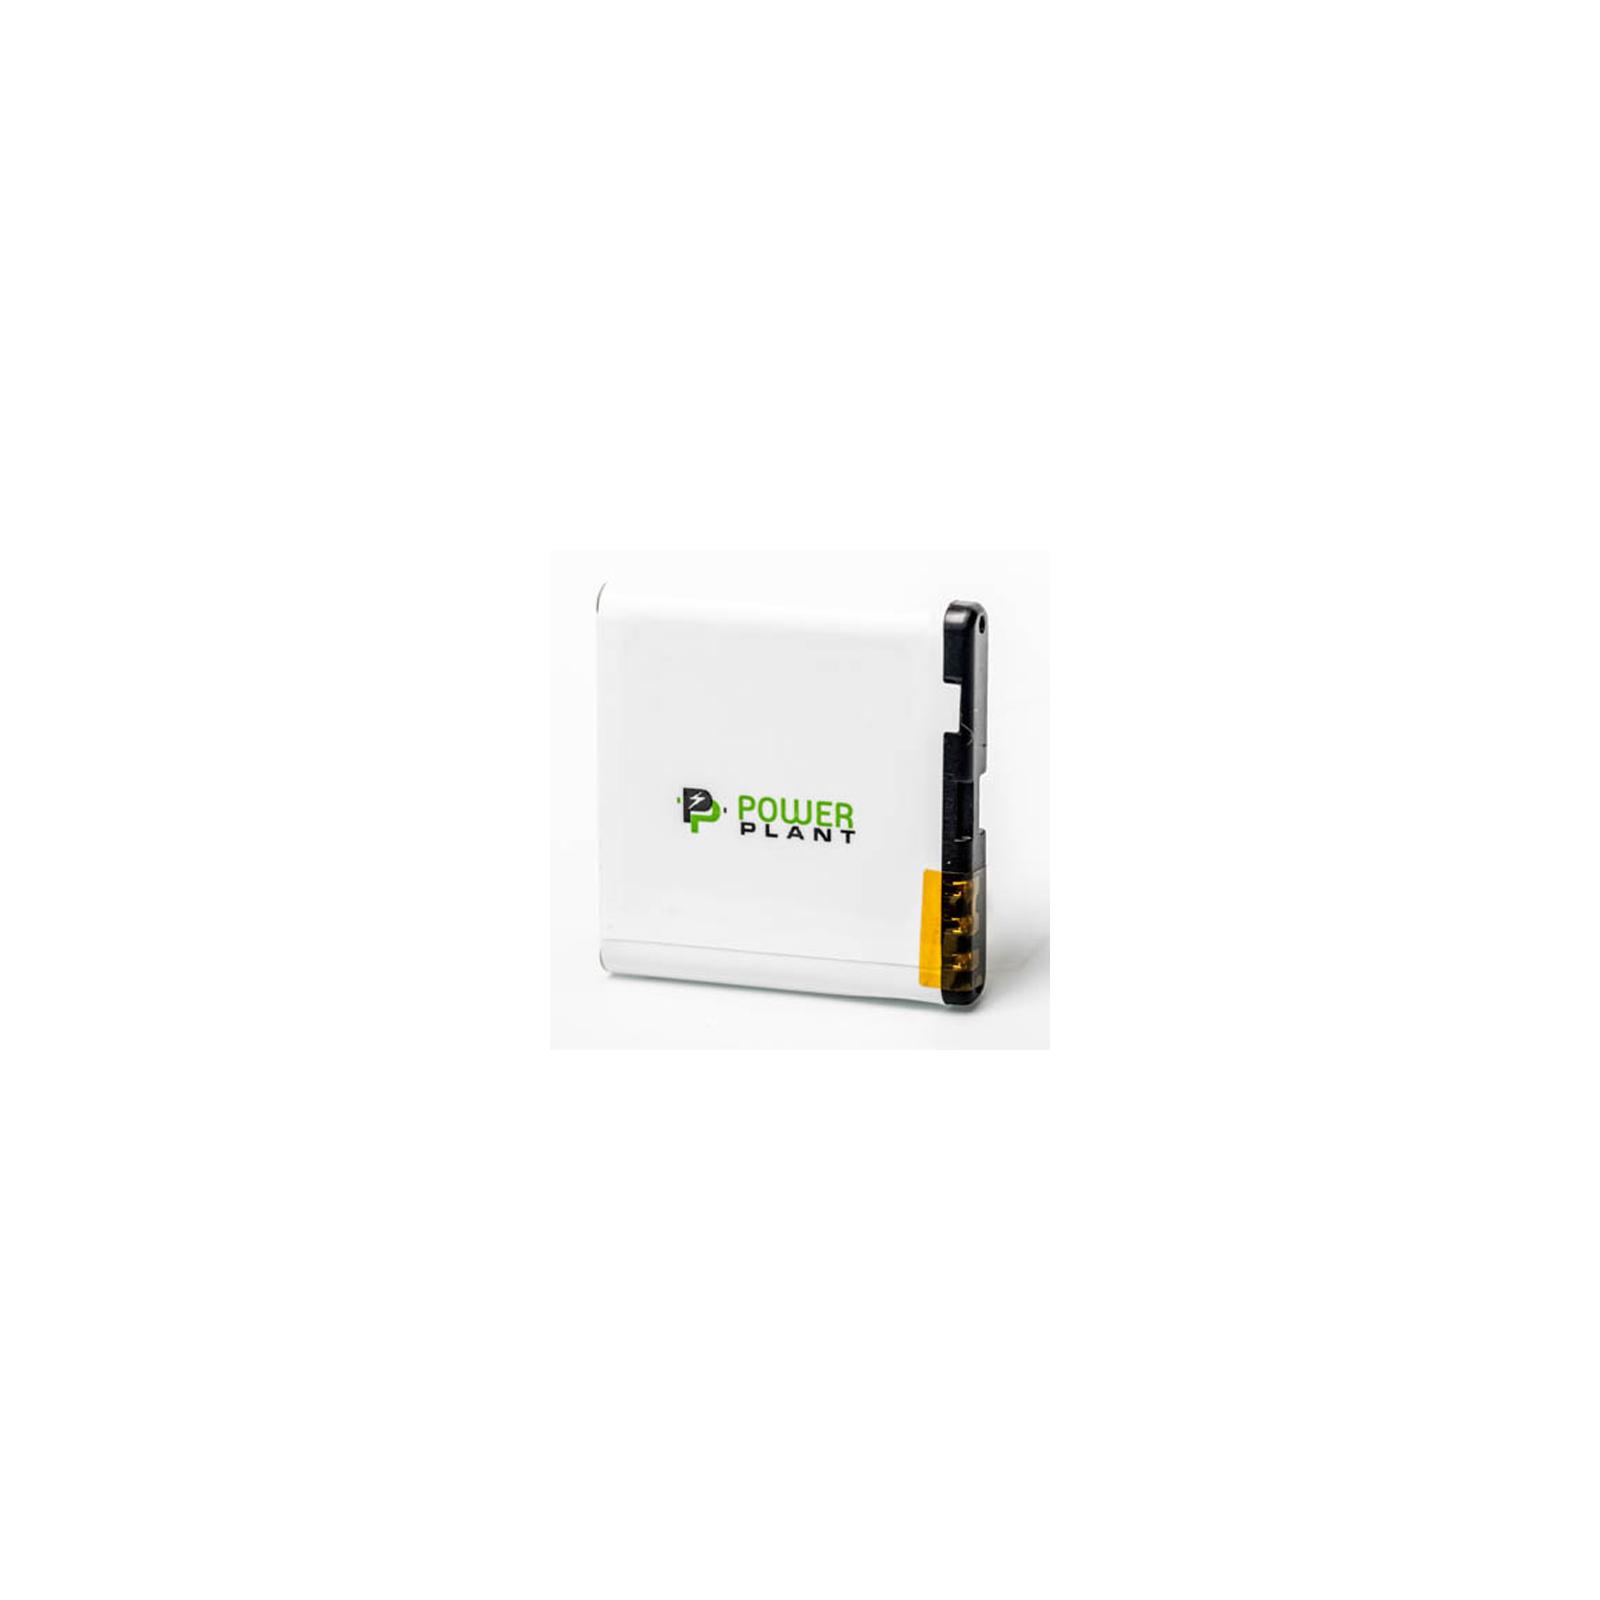 Аккумуляторная батарея PowerPlant Nokia BP-6MT (6720, E5, N81, N82) (DV00DV6040)